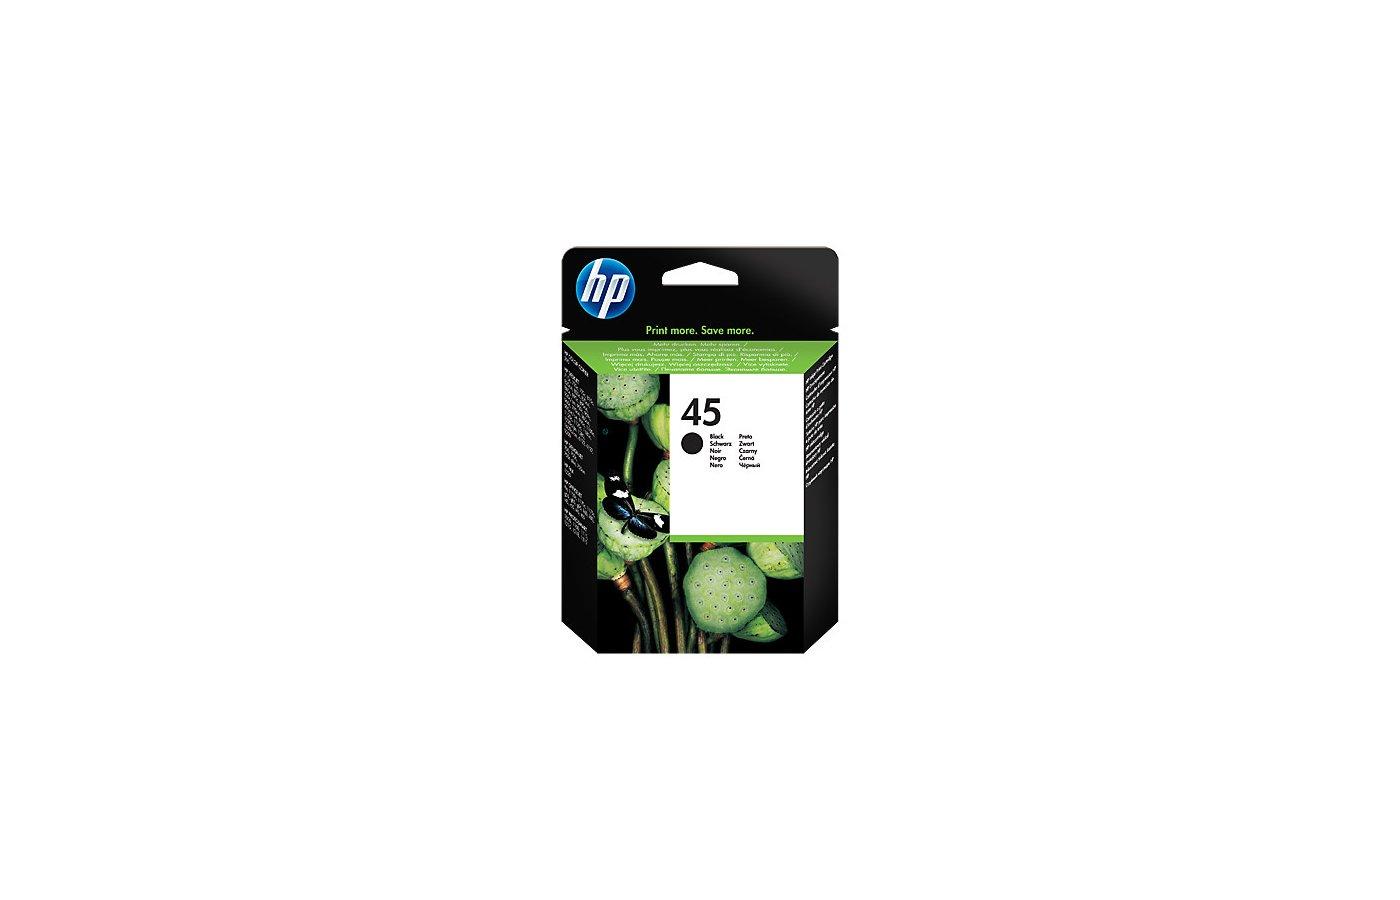 Картридж струйный HP 51645AE картридж черный для DeskJet 7xx/8xx/9xx 42мл